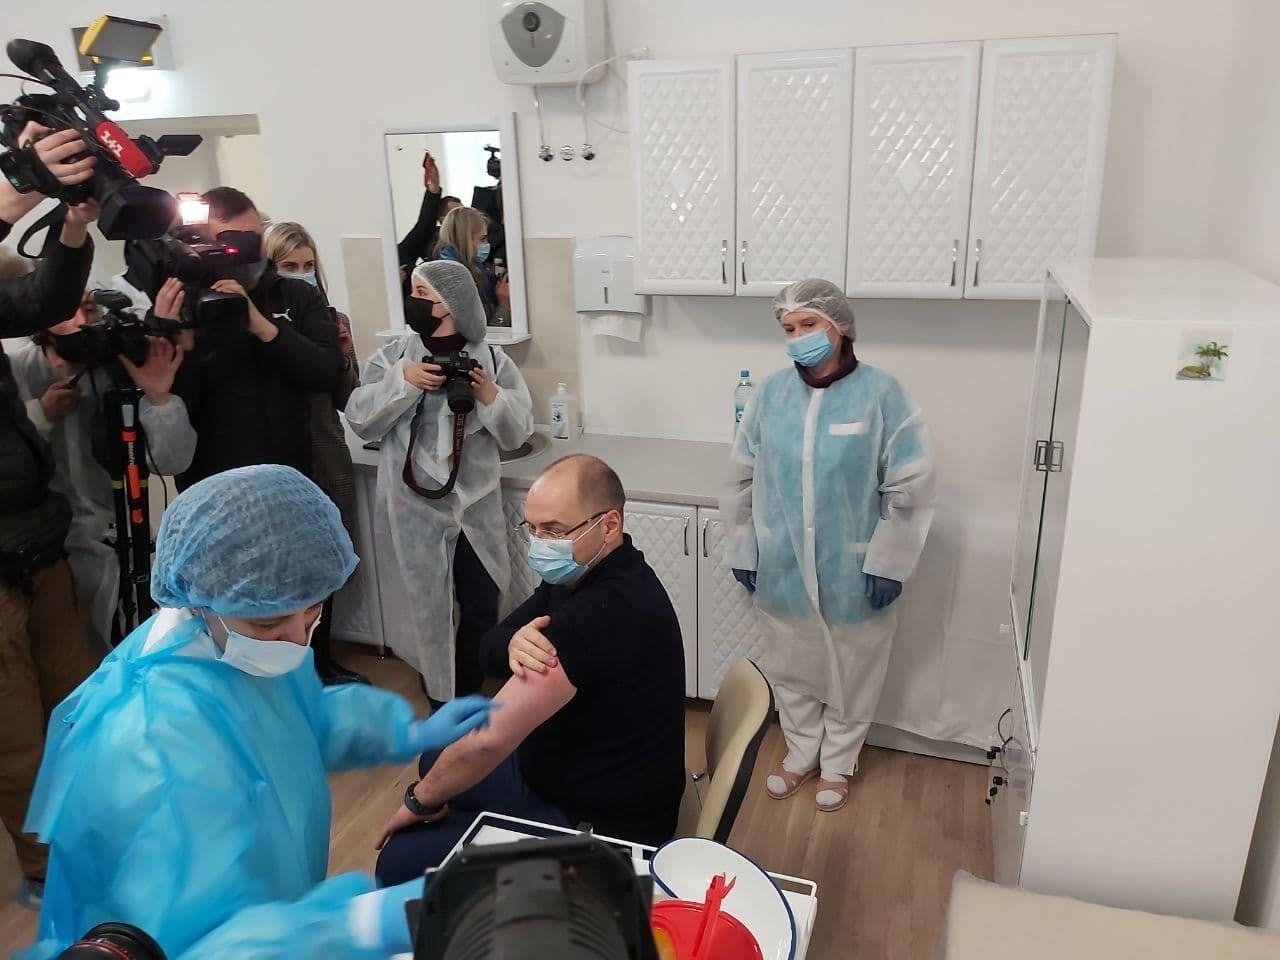 Глава МОЗ Украины Степанов вакцинировался.